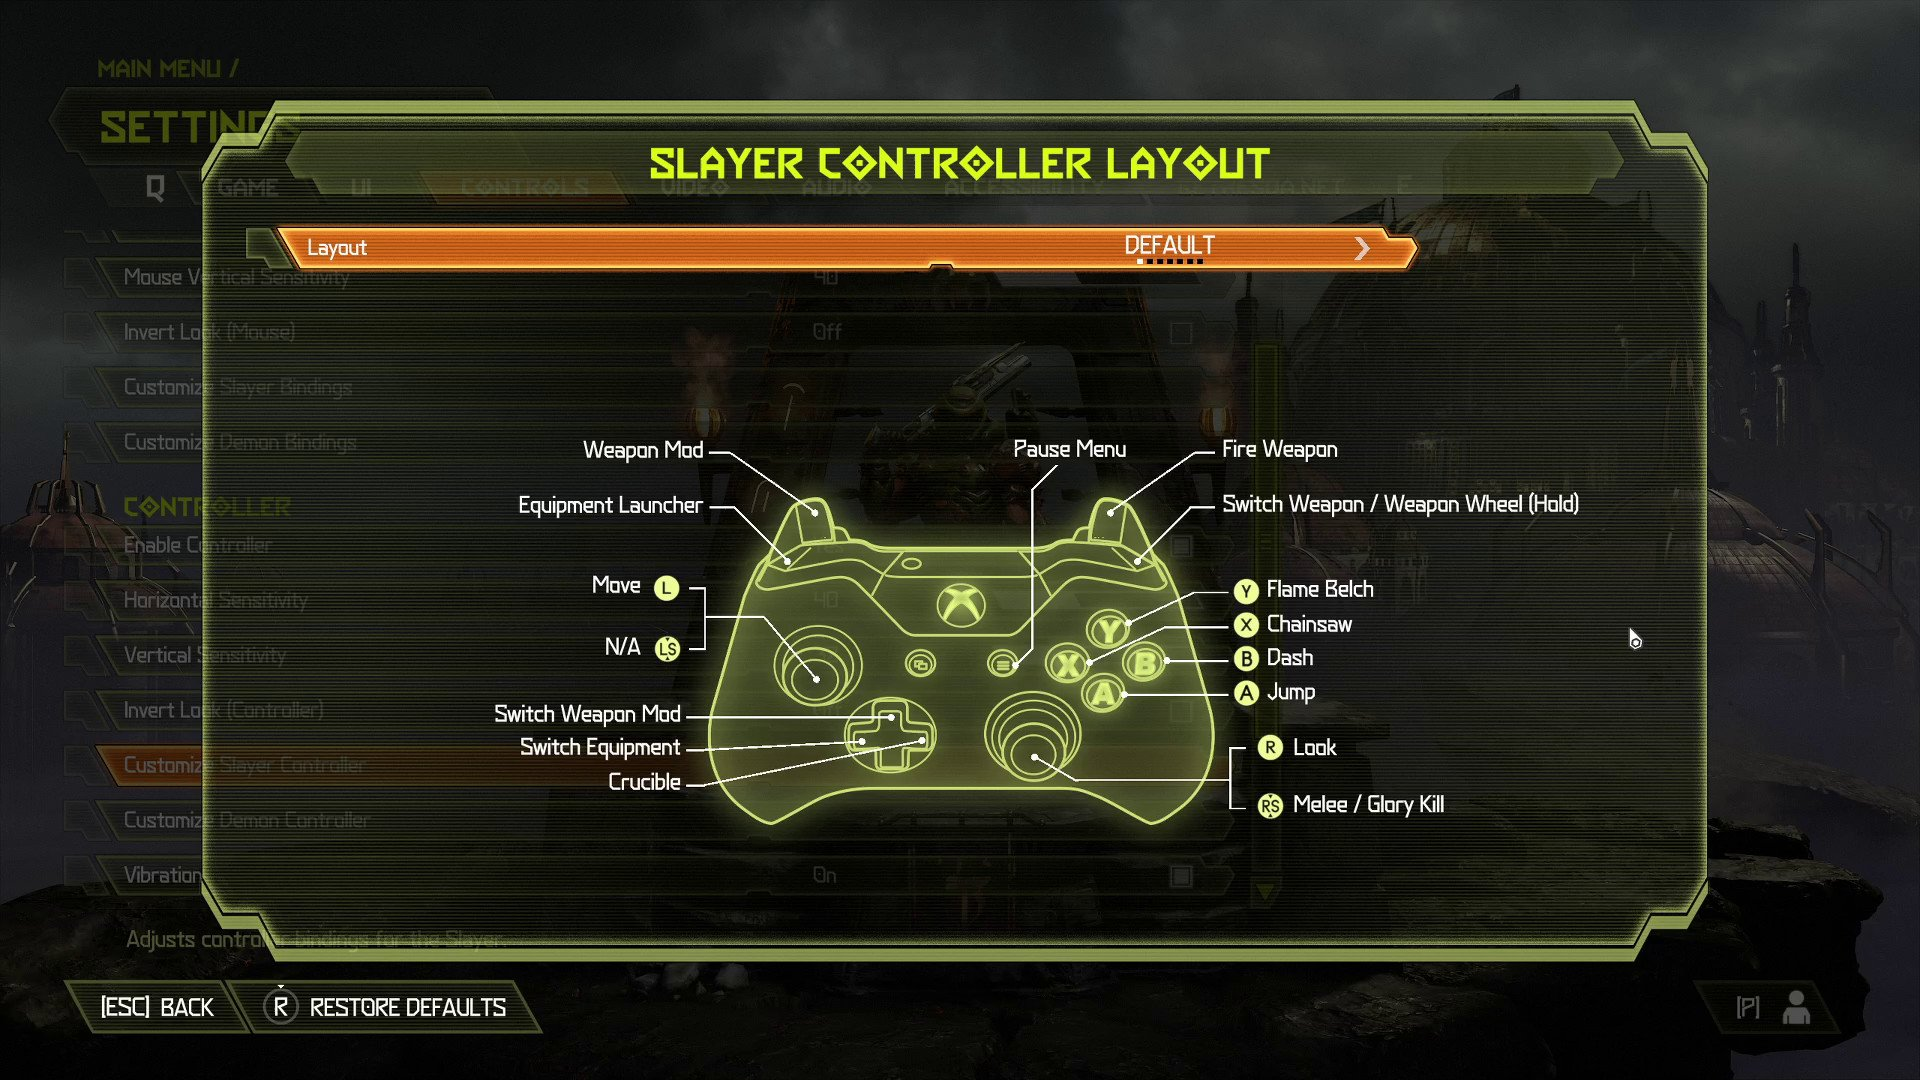 Doom Eternal controls and keybindings